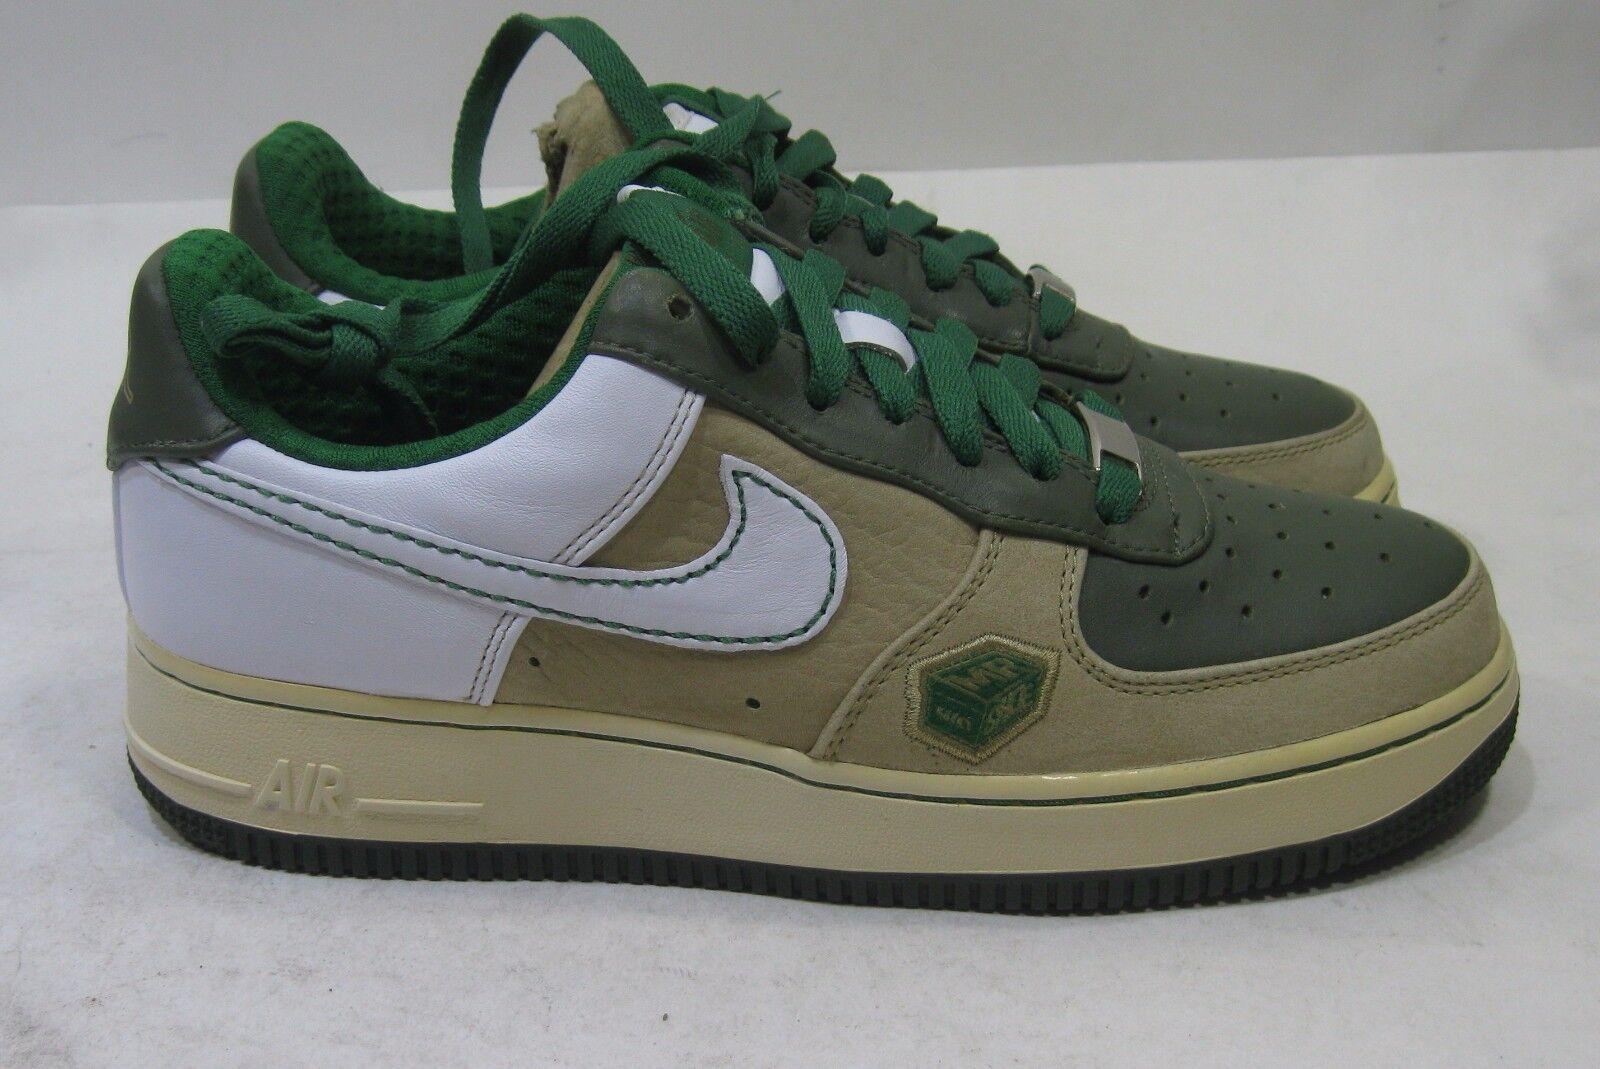 Nike Air Force 1 Premium '07 - 315180 211